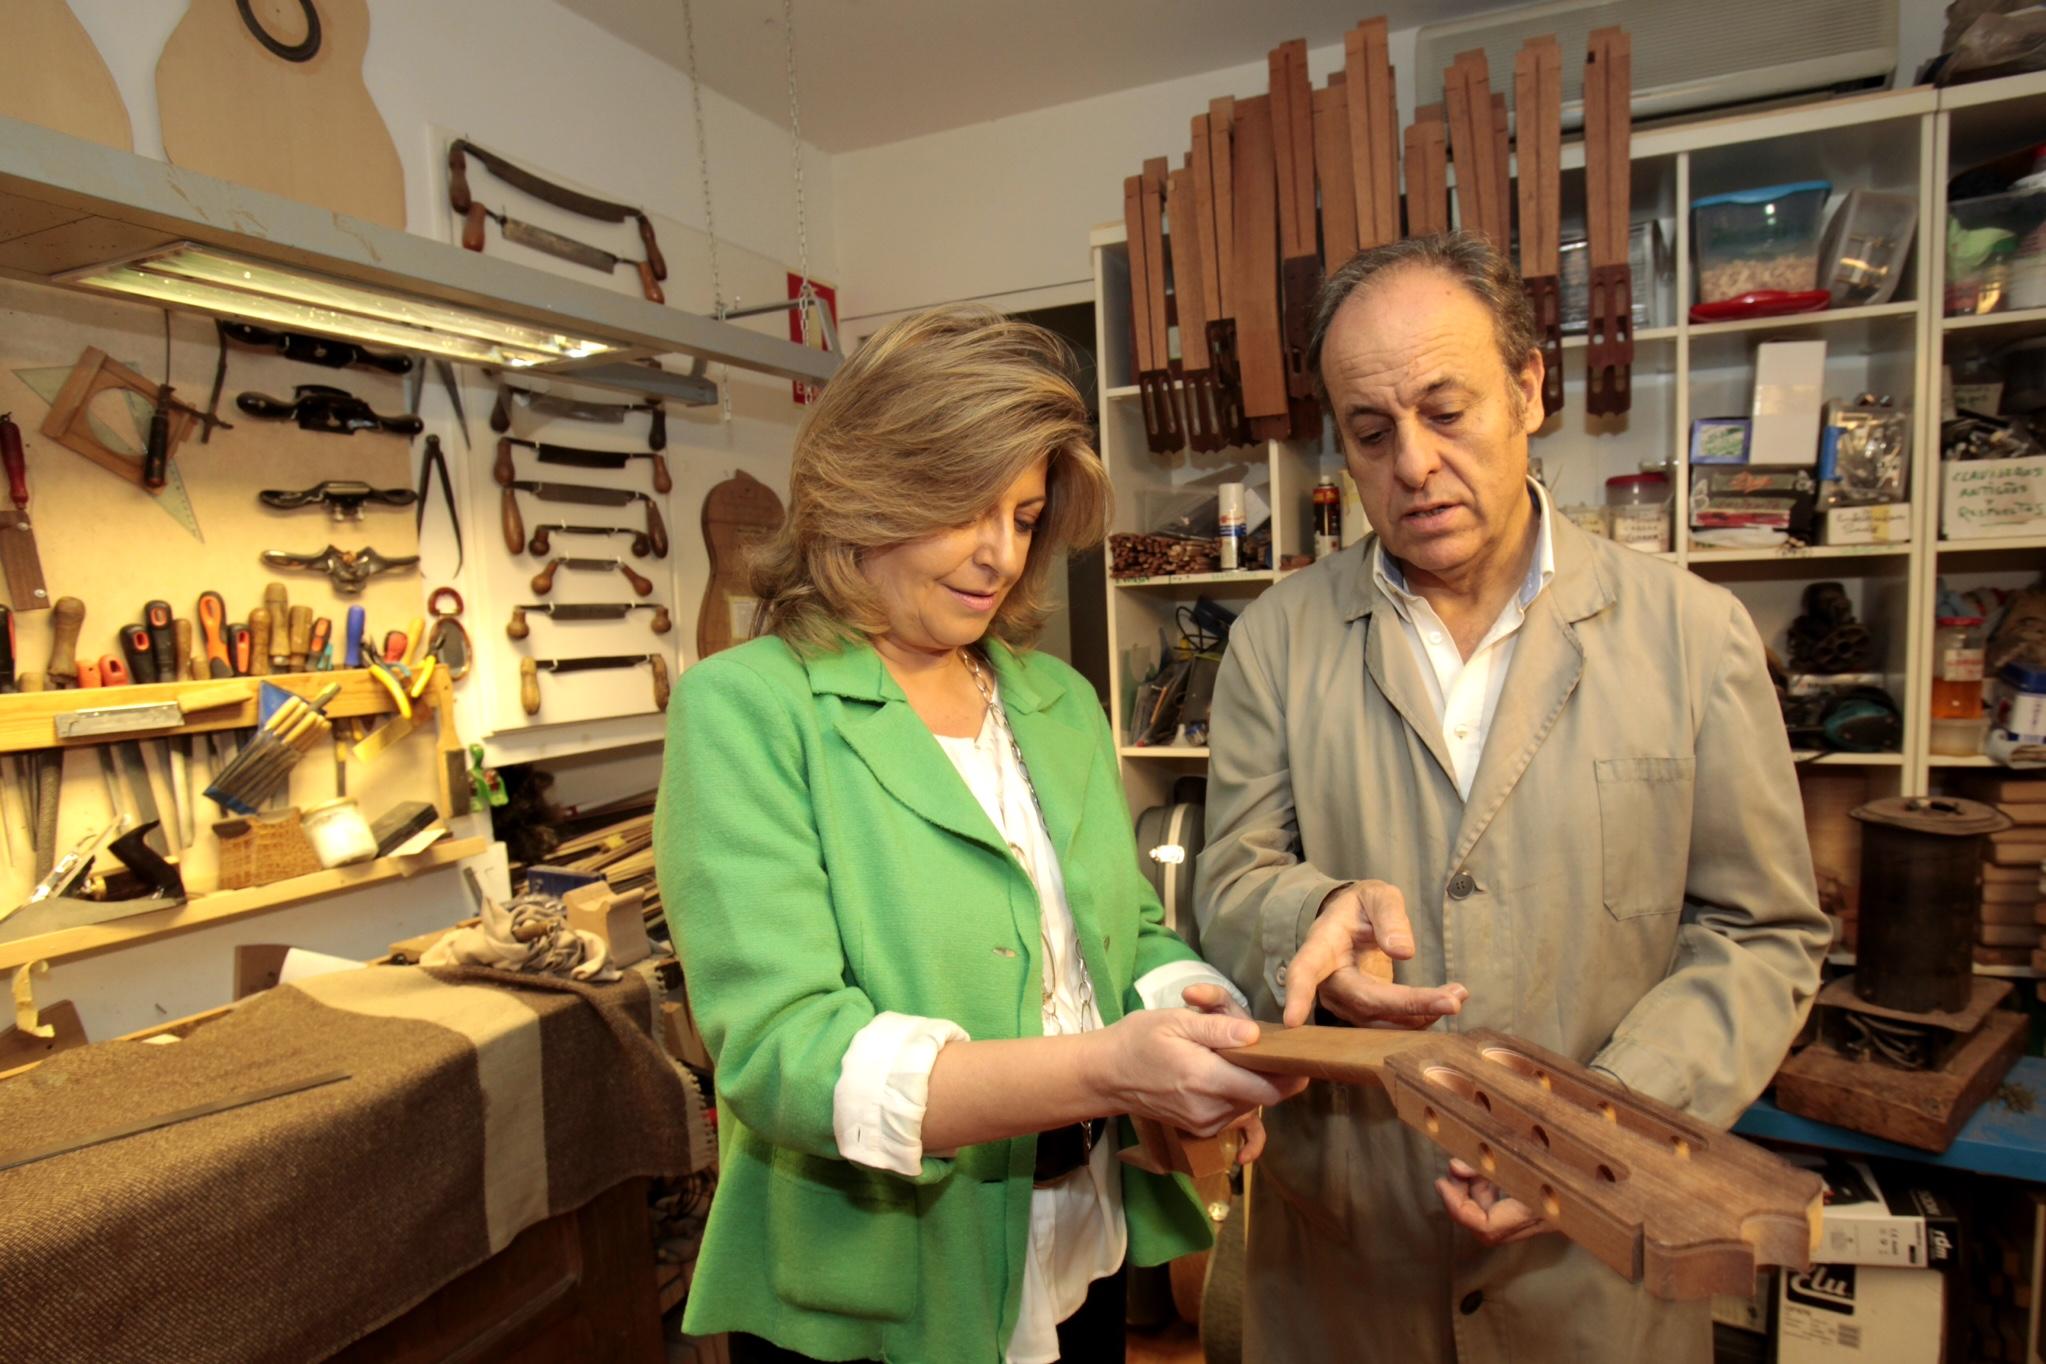 La consejera de Economía, Empleo y Hacienda de la Comunidad de Madrid visita nuestro taller